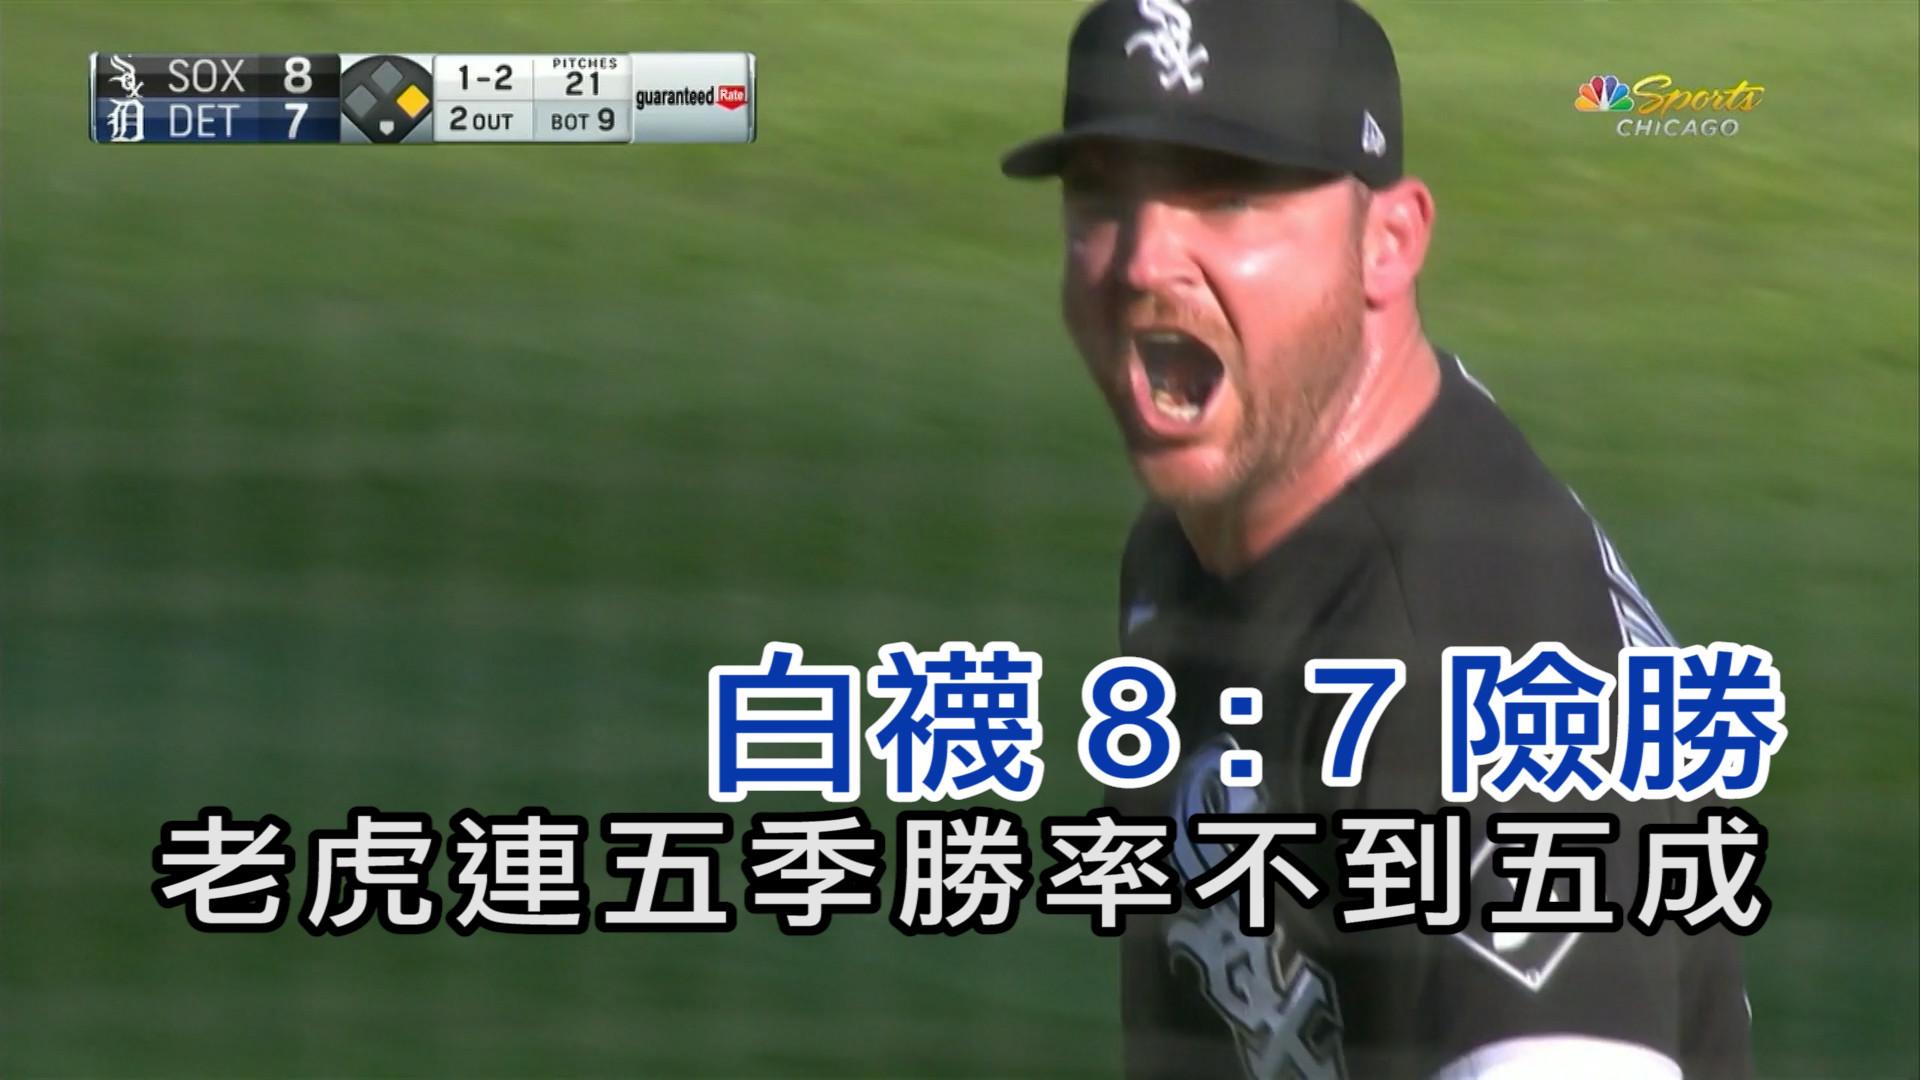 【MLB看愛爾達】老虎反撲功虧一簣 7:8不敵白襪 9/28